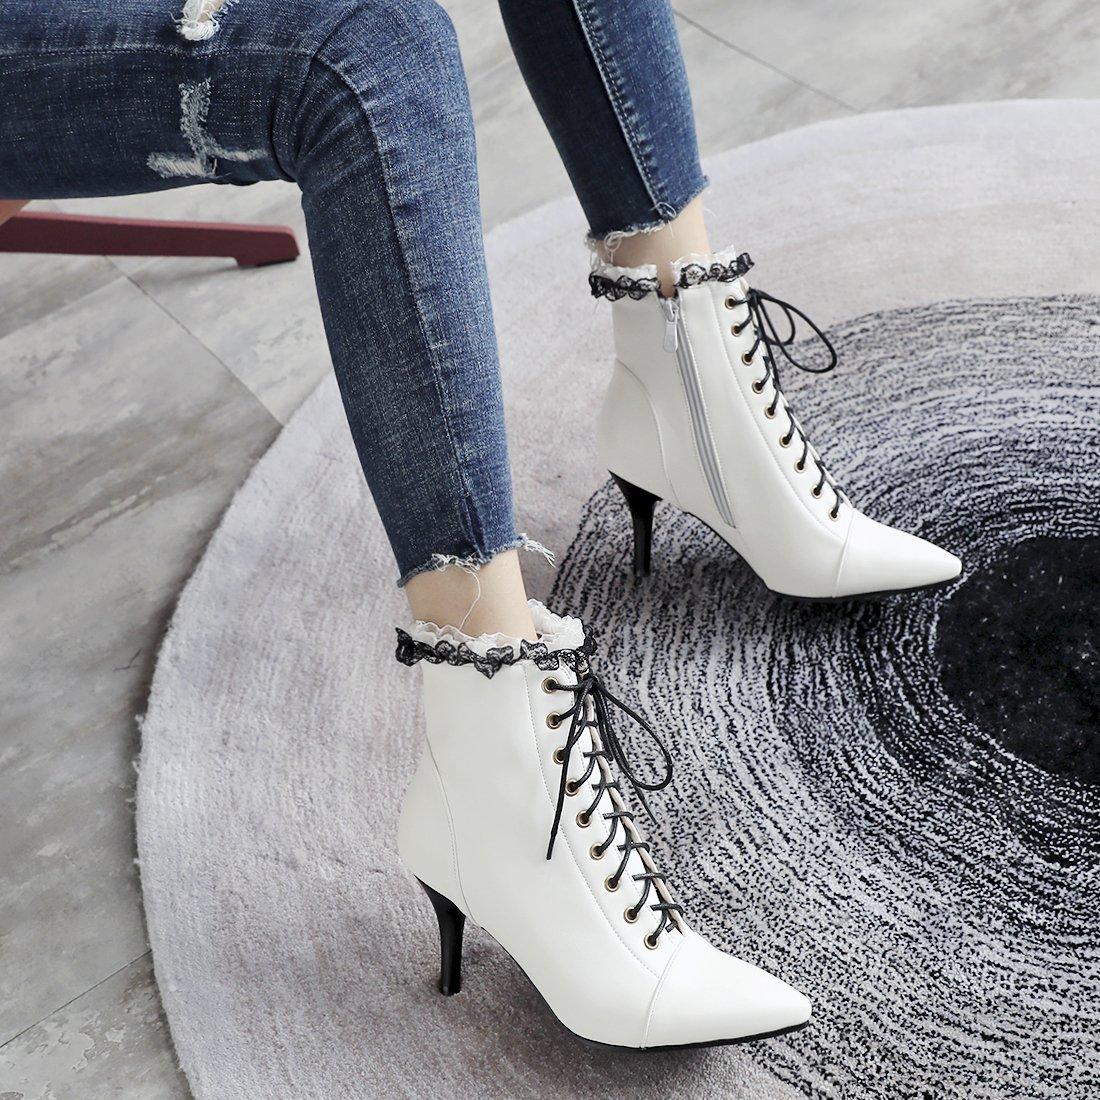 145a02ebcc03 YE Bottines Dentelle Femme à Talon Aiguille avec Lacets Bottes Lacees Bout  Pointu Haut Cuir Courtes Ankle Boots Winter Shoes Chaude Hiver  Amazon.fr   ...